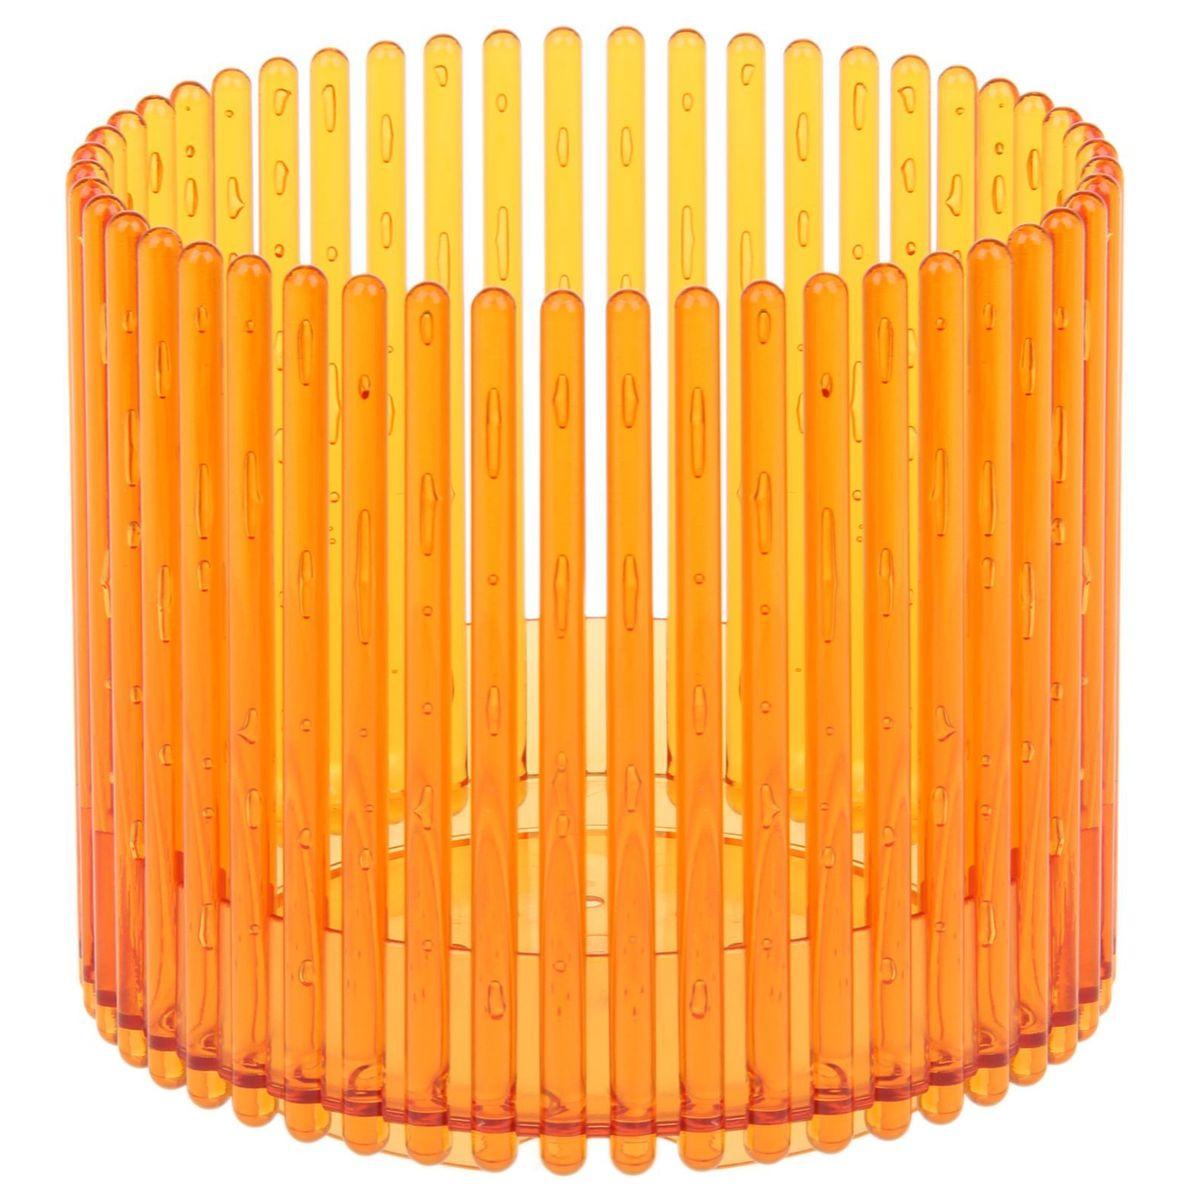 Кашпо JetPlast Шарм, цвет: желтый, 14 x 12 см1004900000360Орхидеи — красивые, но требовательные растения. Если за ними ухаживать правильно, то они будут долго радовать хозяйку своими красивыми цветочками. Горшок защитит растение от внешнего воздействия и создаст благоприятную среду для его развития. Лучшей ёмкостью для орхидей считаются пластиковые кашпо. Конструкция изделия способствует естественной циркуляции воды. А корни растения не присасываются к стенкам и получают достаточно кислорода. Горшок «Шарм» имеет ряд особенностей:сквозная форма поверхности позволяет солнечным лучам беспрепятственно попадать на корни растенияконструкция горшка создаёт близкую к естественным условиям средуобеспечивает хорошую вентиляцию для корнейборт в нижней части выполняет функцию поддона и скрывает грунтстенки надёжно защищают корневую систему цветка от переохлаждения или перегреваяркий дизайн.Качественное кашпо и правильный уход за орхидеей — всё что нужно, чтобы цветок долго радовал хозяина.